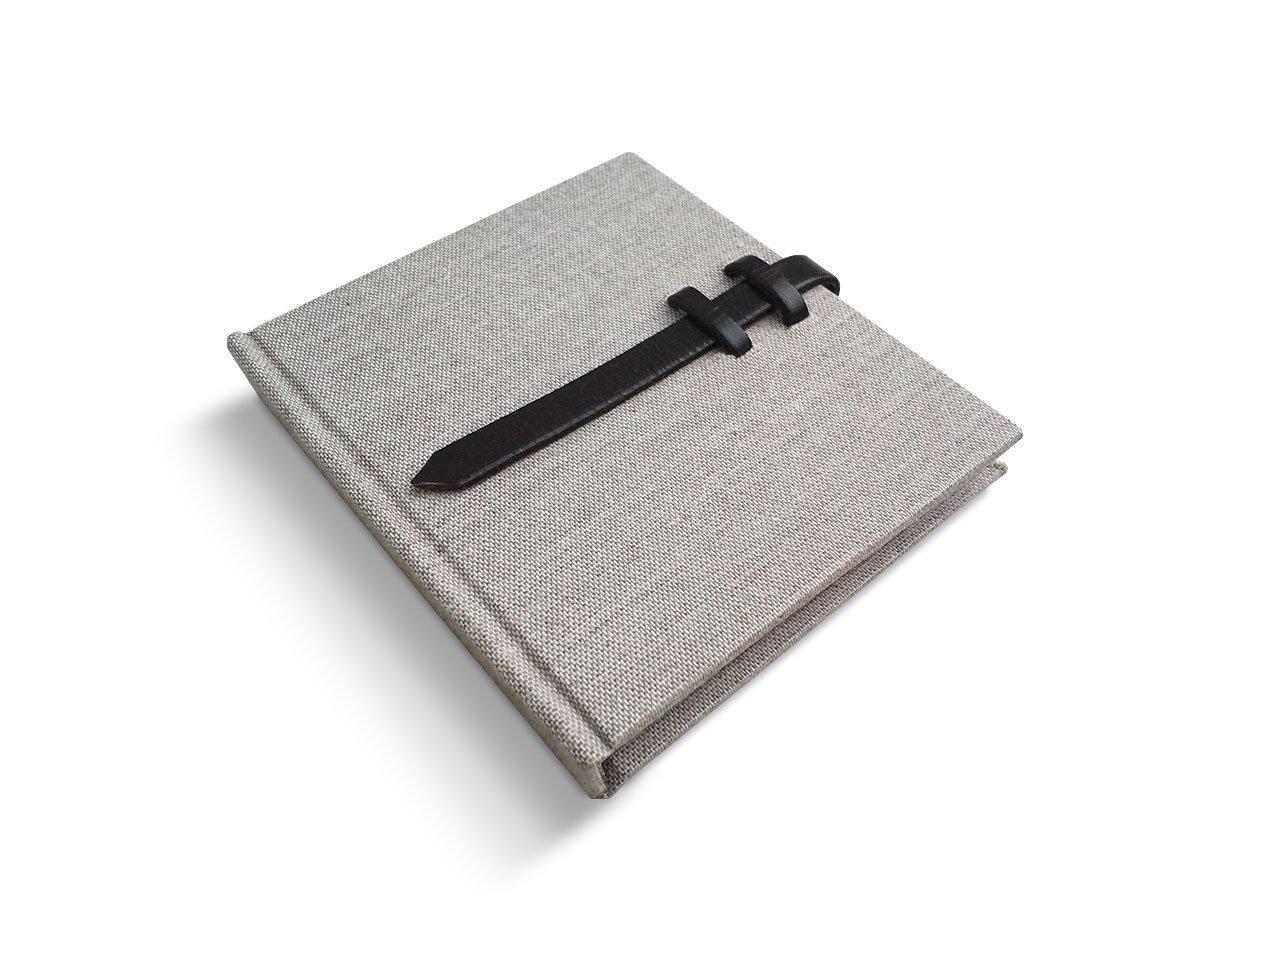 Cuaderno de dibujo. libreta para dibujante extensible con correa: Amazon.es: Handmade